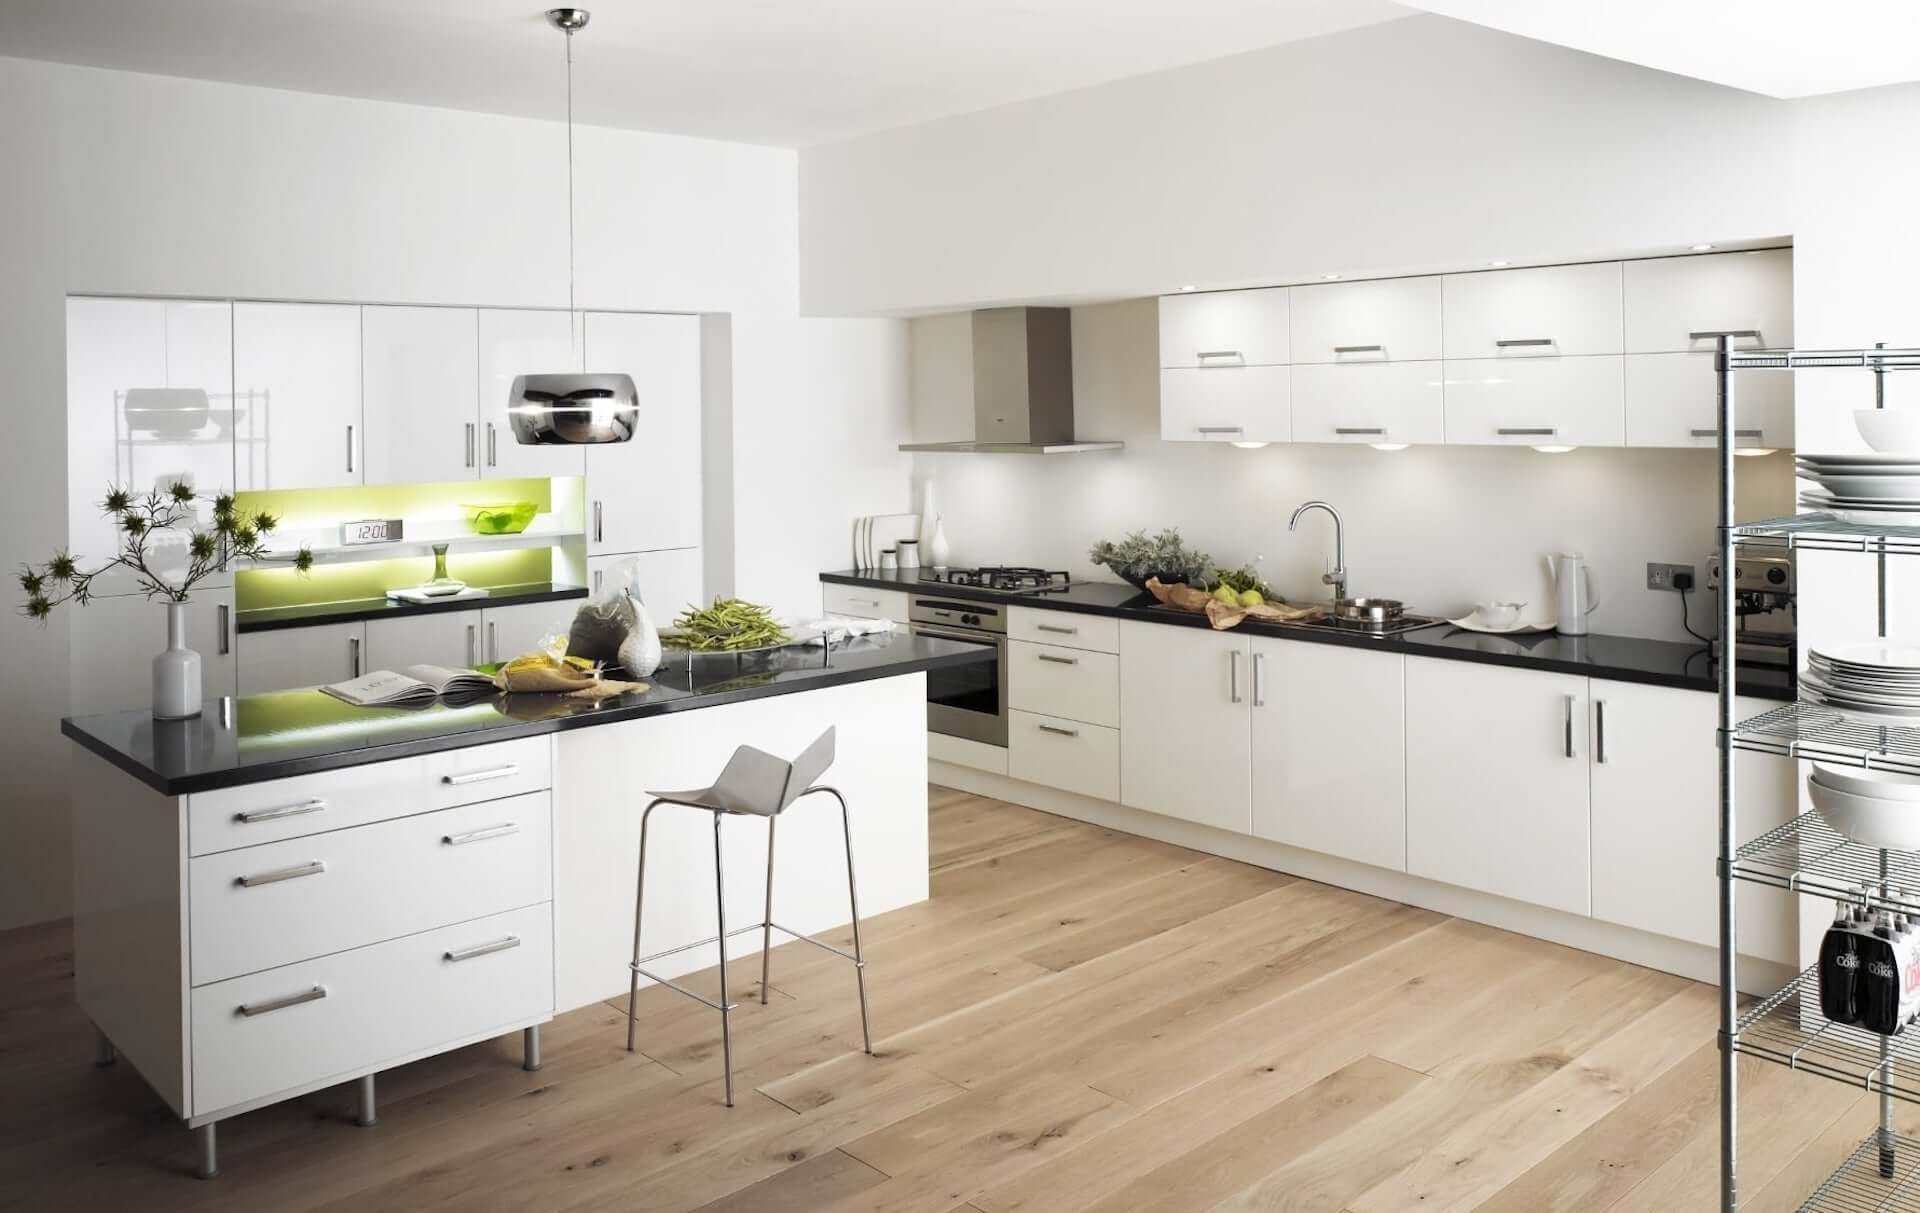 white-kitchen-design-ideas-modern-design-7-on-kitchen-design-ideas.jpg